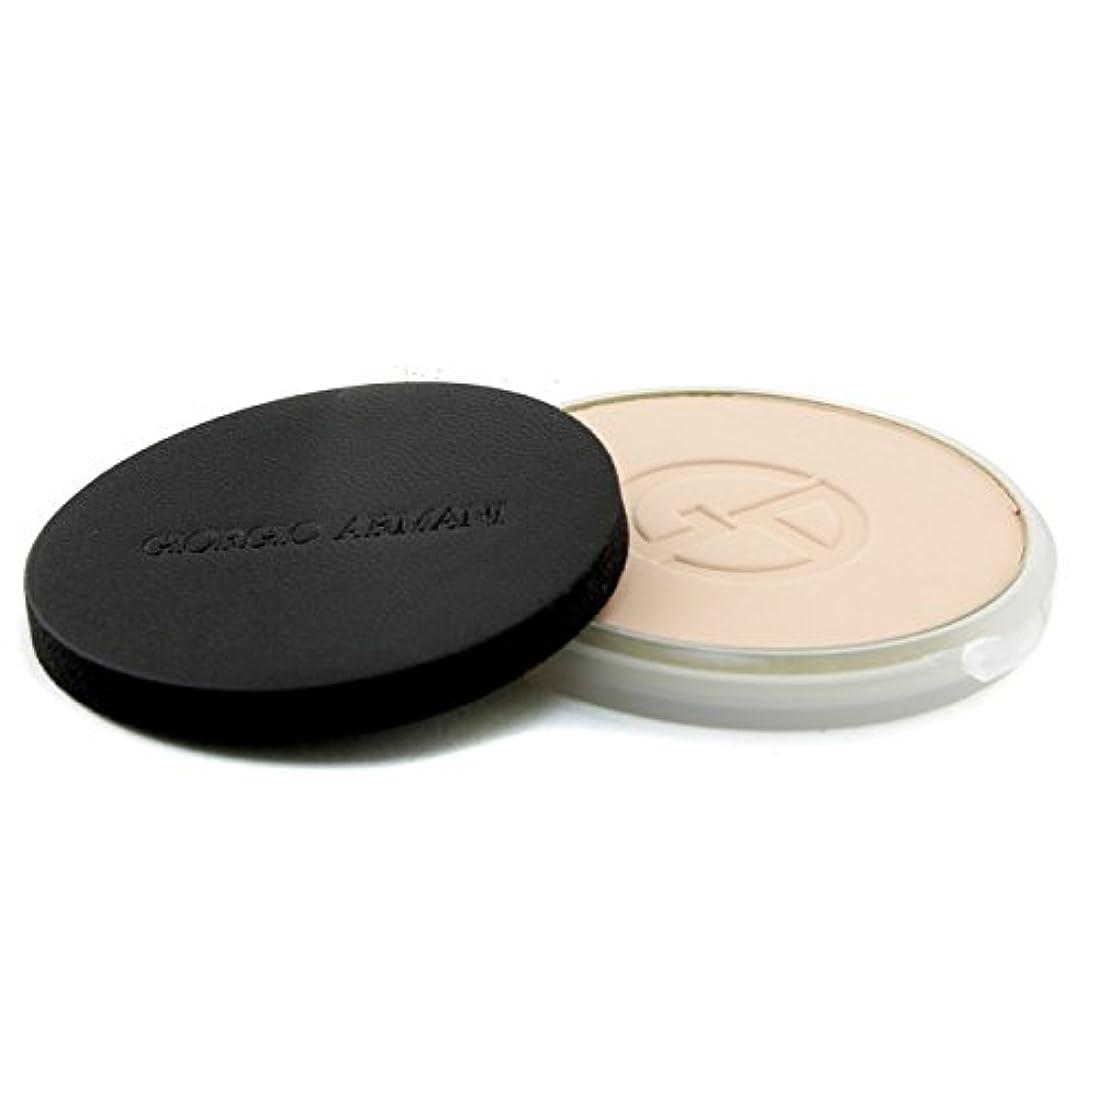 回答文房具振り返るジョルジオアルマーニ Lasting Silk UV Compact Foundation SPF 34 (Refill) - # 3 (Light Sand) 9g/0.3oz並行輸入品